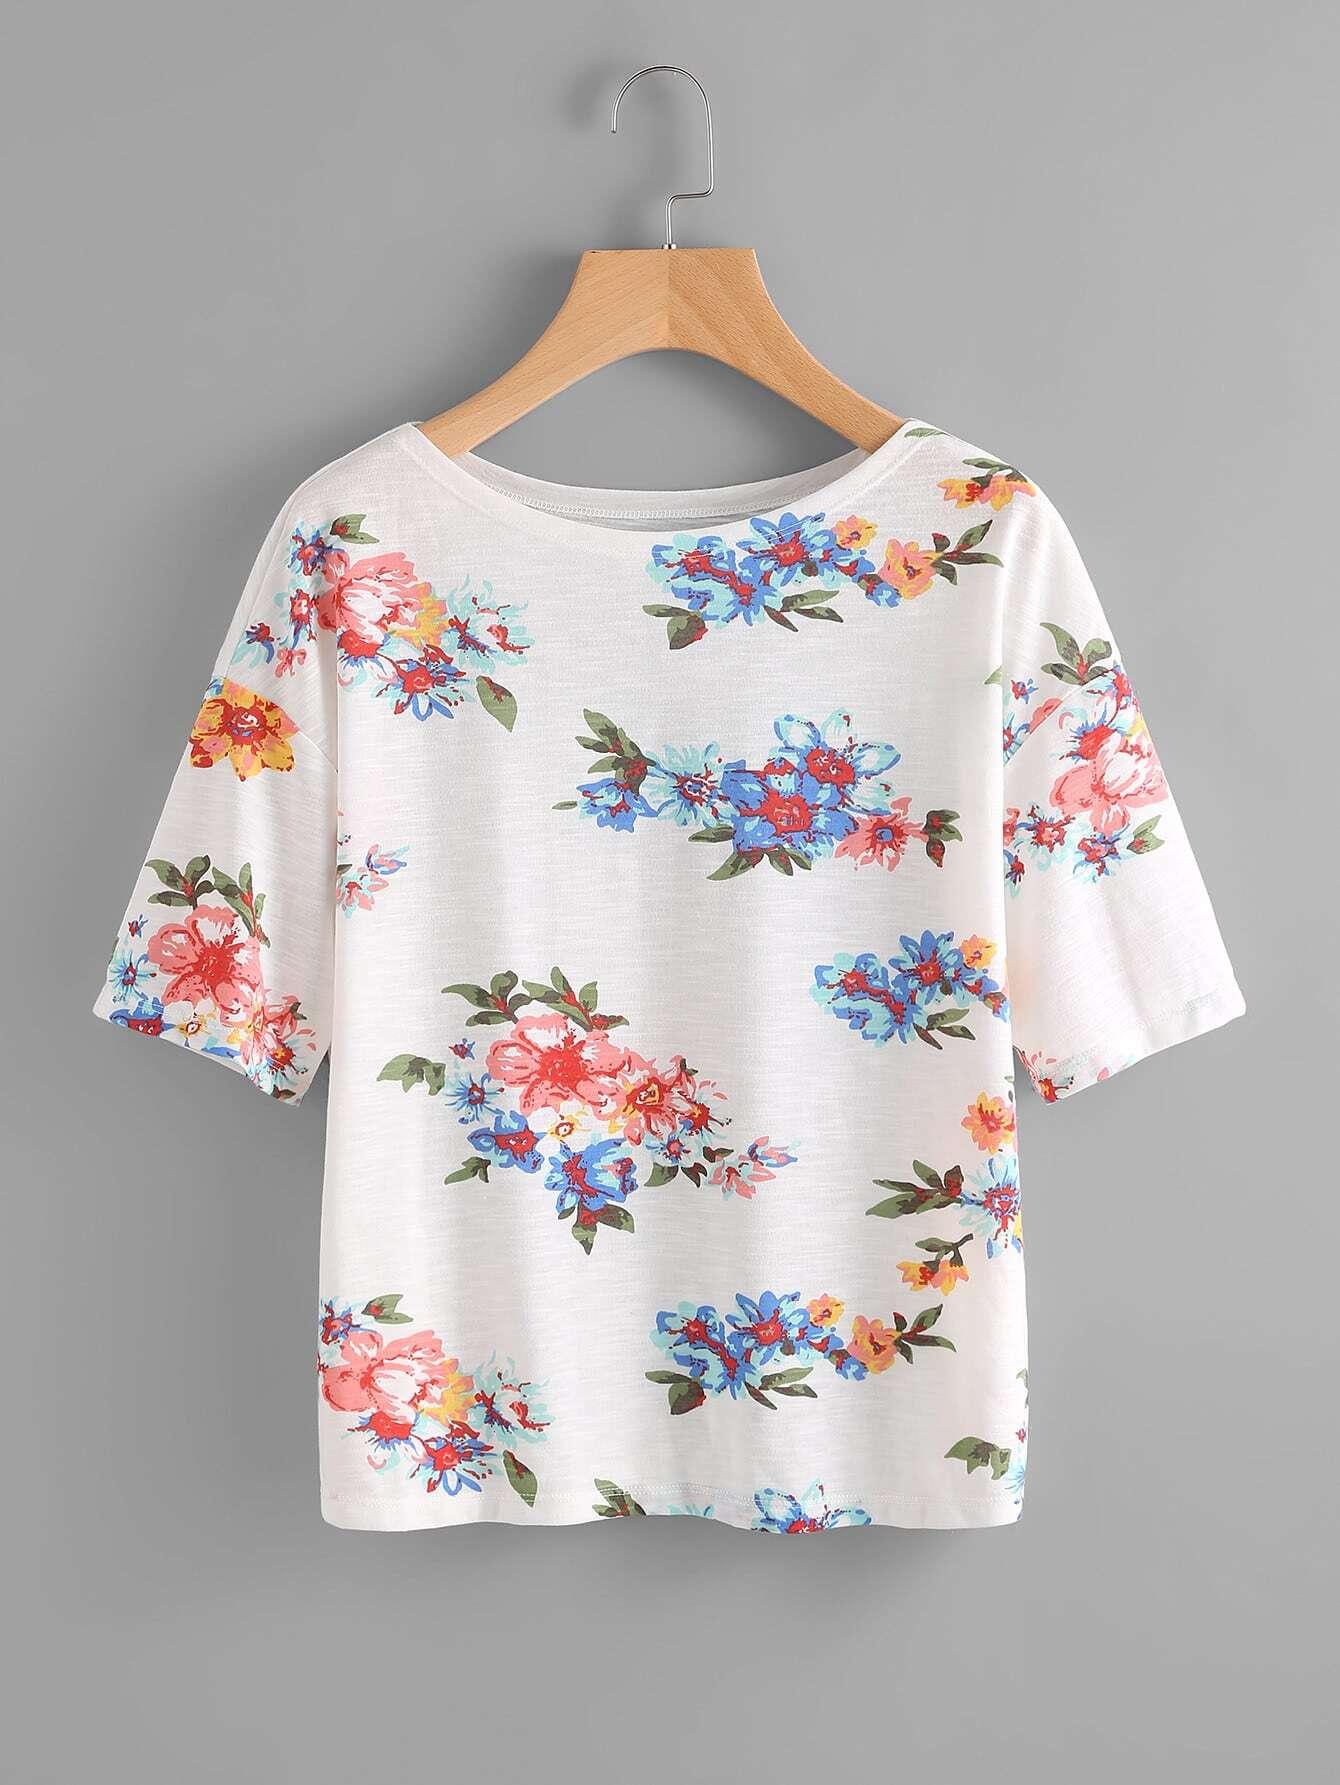 Flower Cluster Print Slub T-shirt lace panel graphic slub t shirt